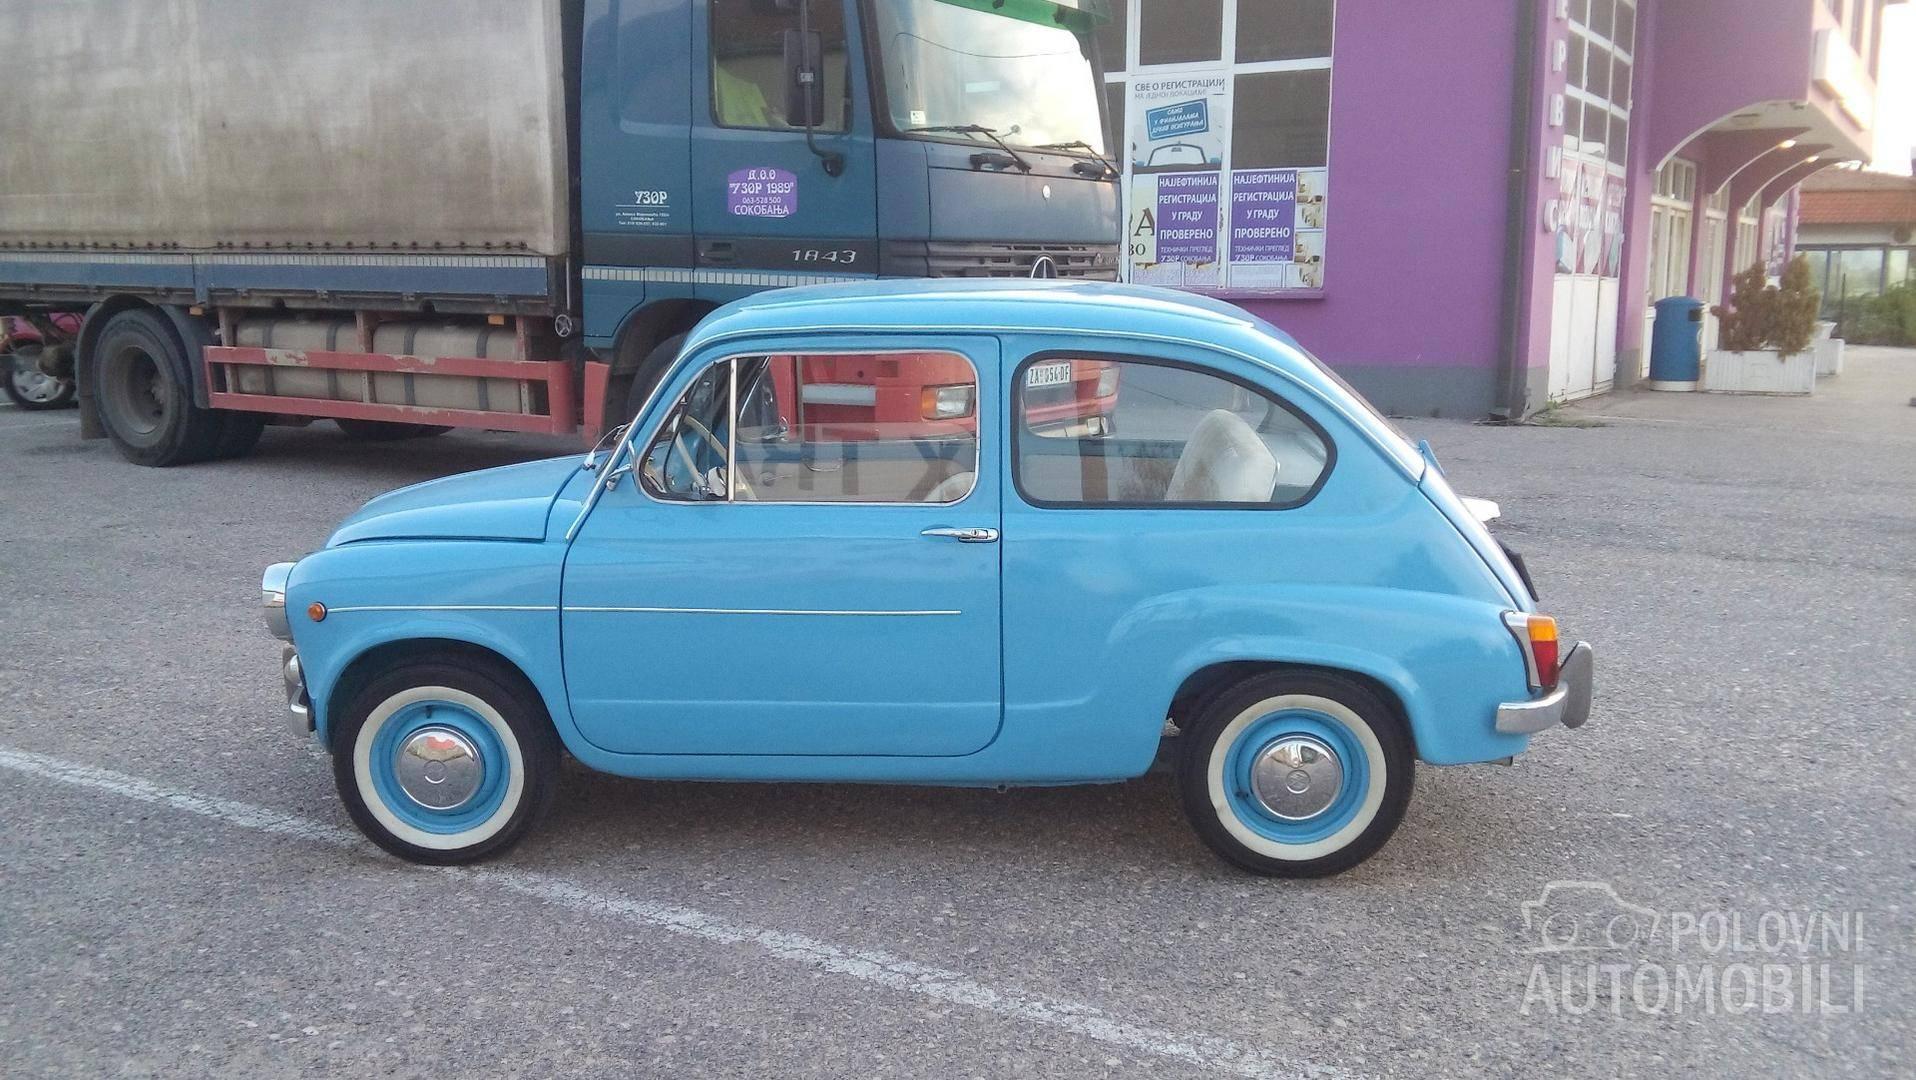 1982 Zastava 750 3800 Autoslavia